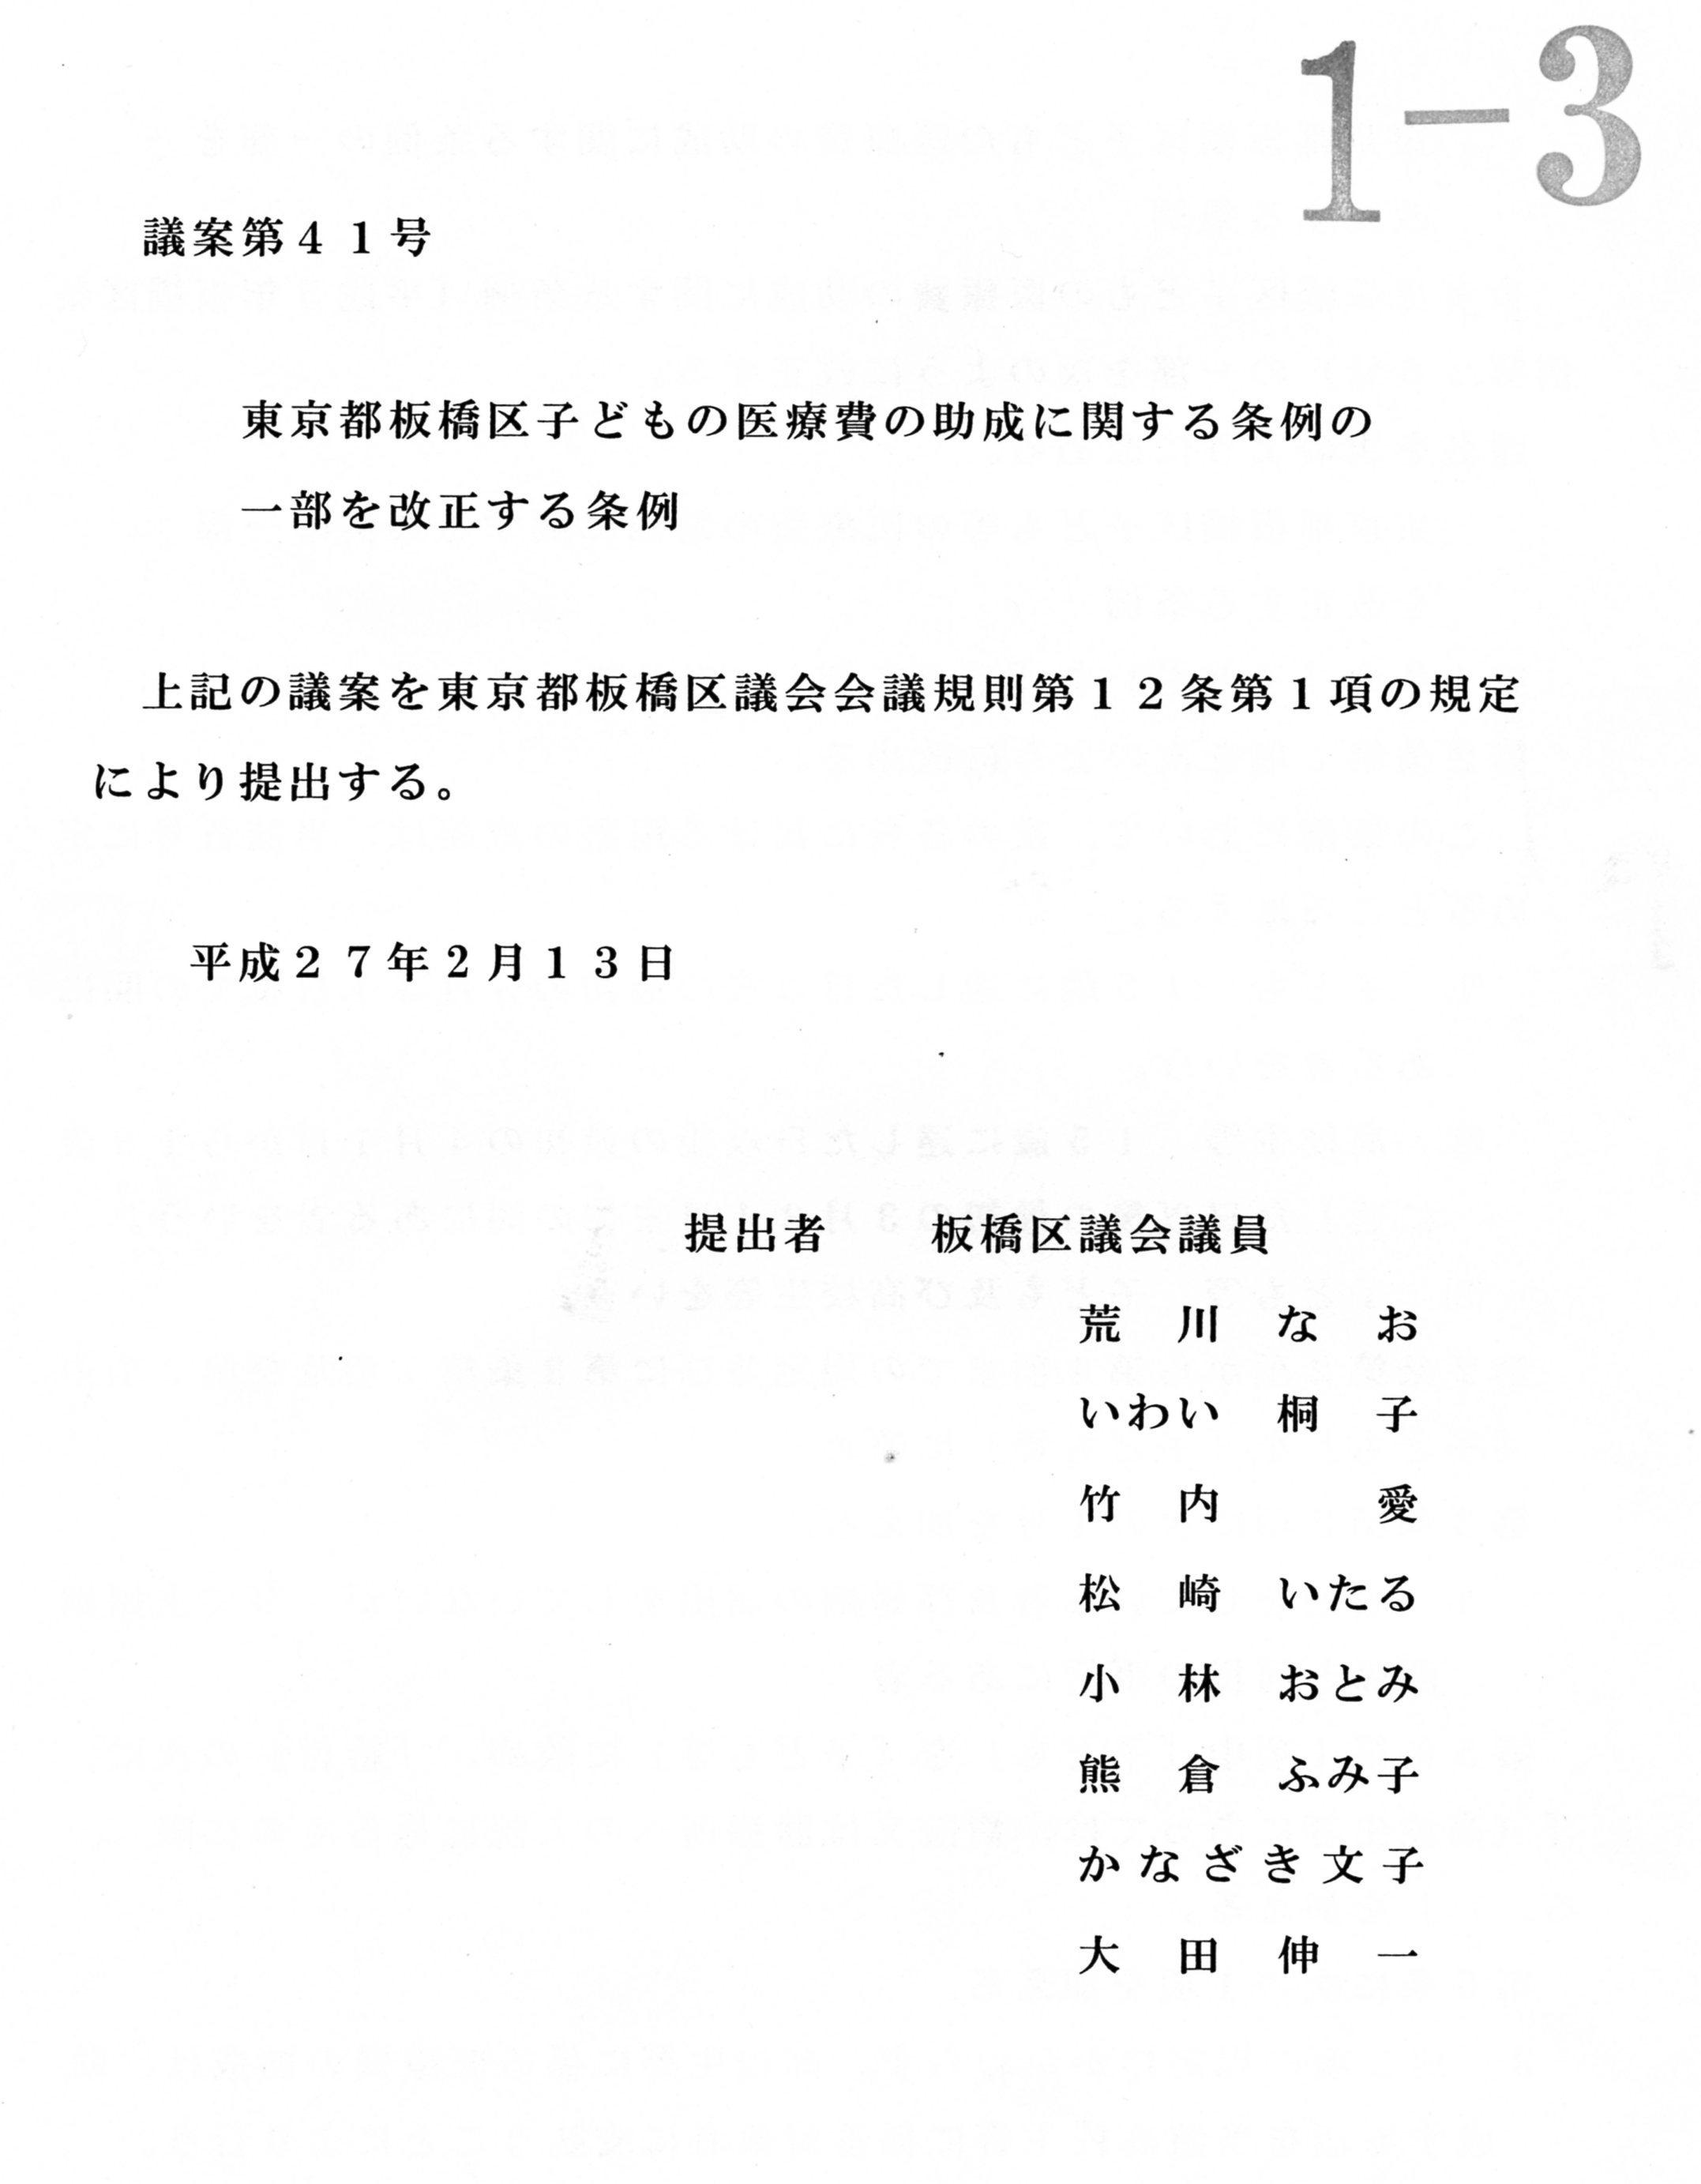 高校生の入院費を無料に!  板橋区議会に条例案を提出しました。_d0046141_14071717.jpg